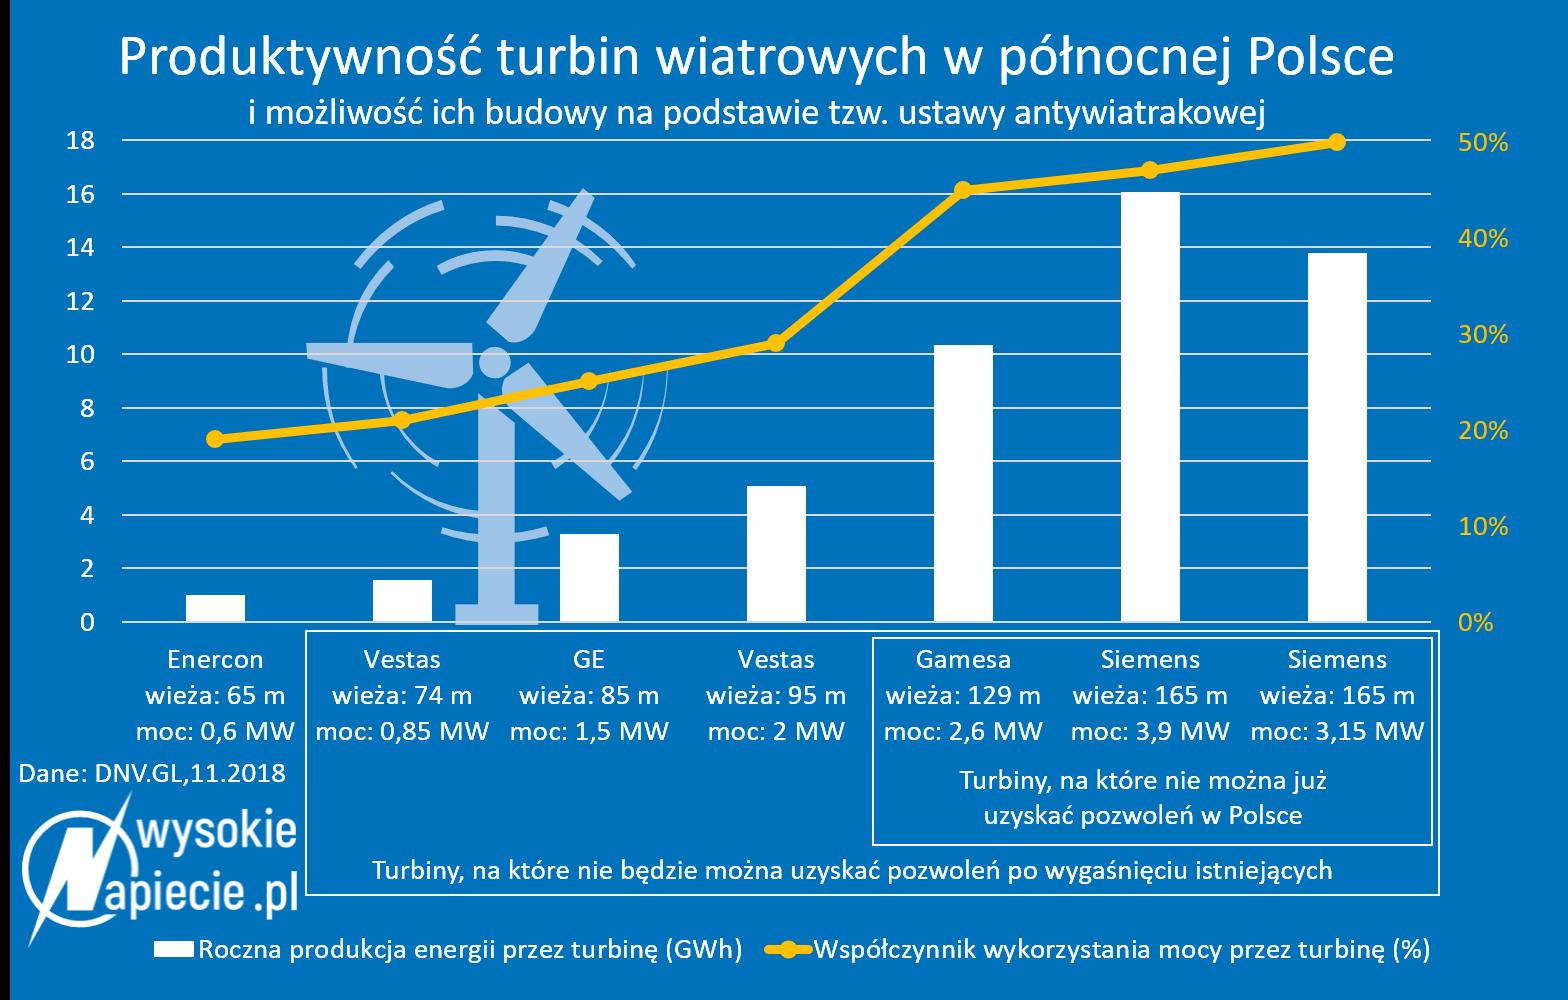 https://wysokienapiecie.pl/wp-content/uploads/2018/11/wiatr_produktywnosc_turbin.png